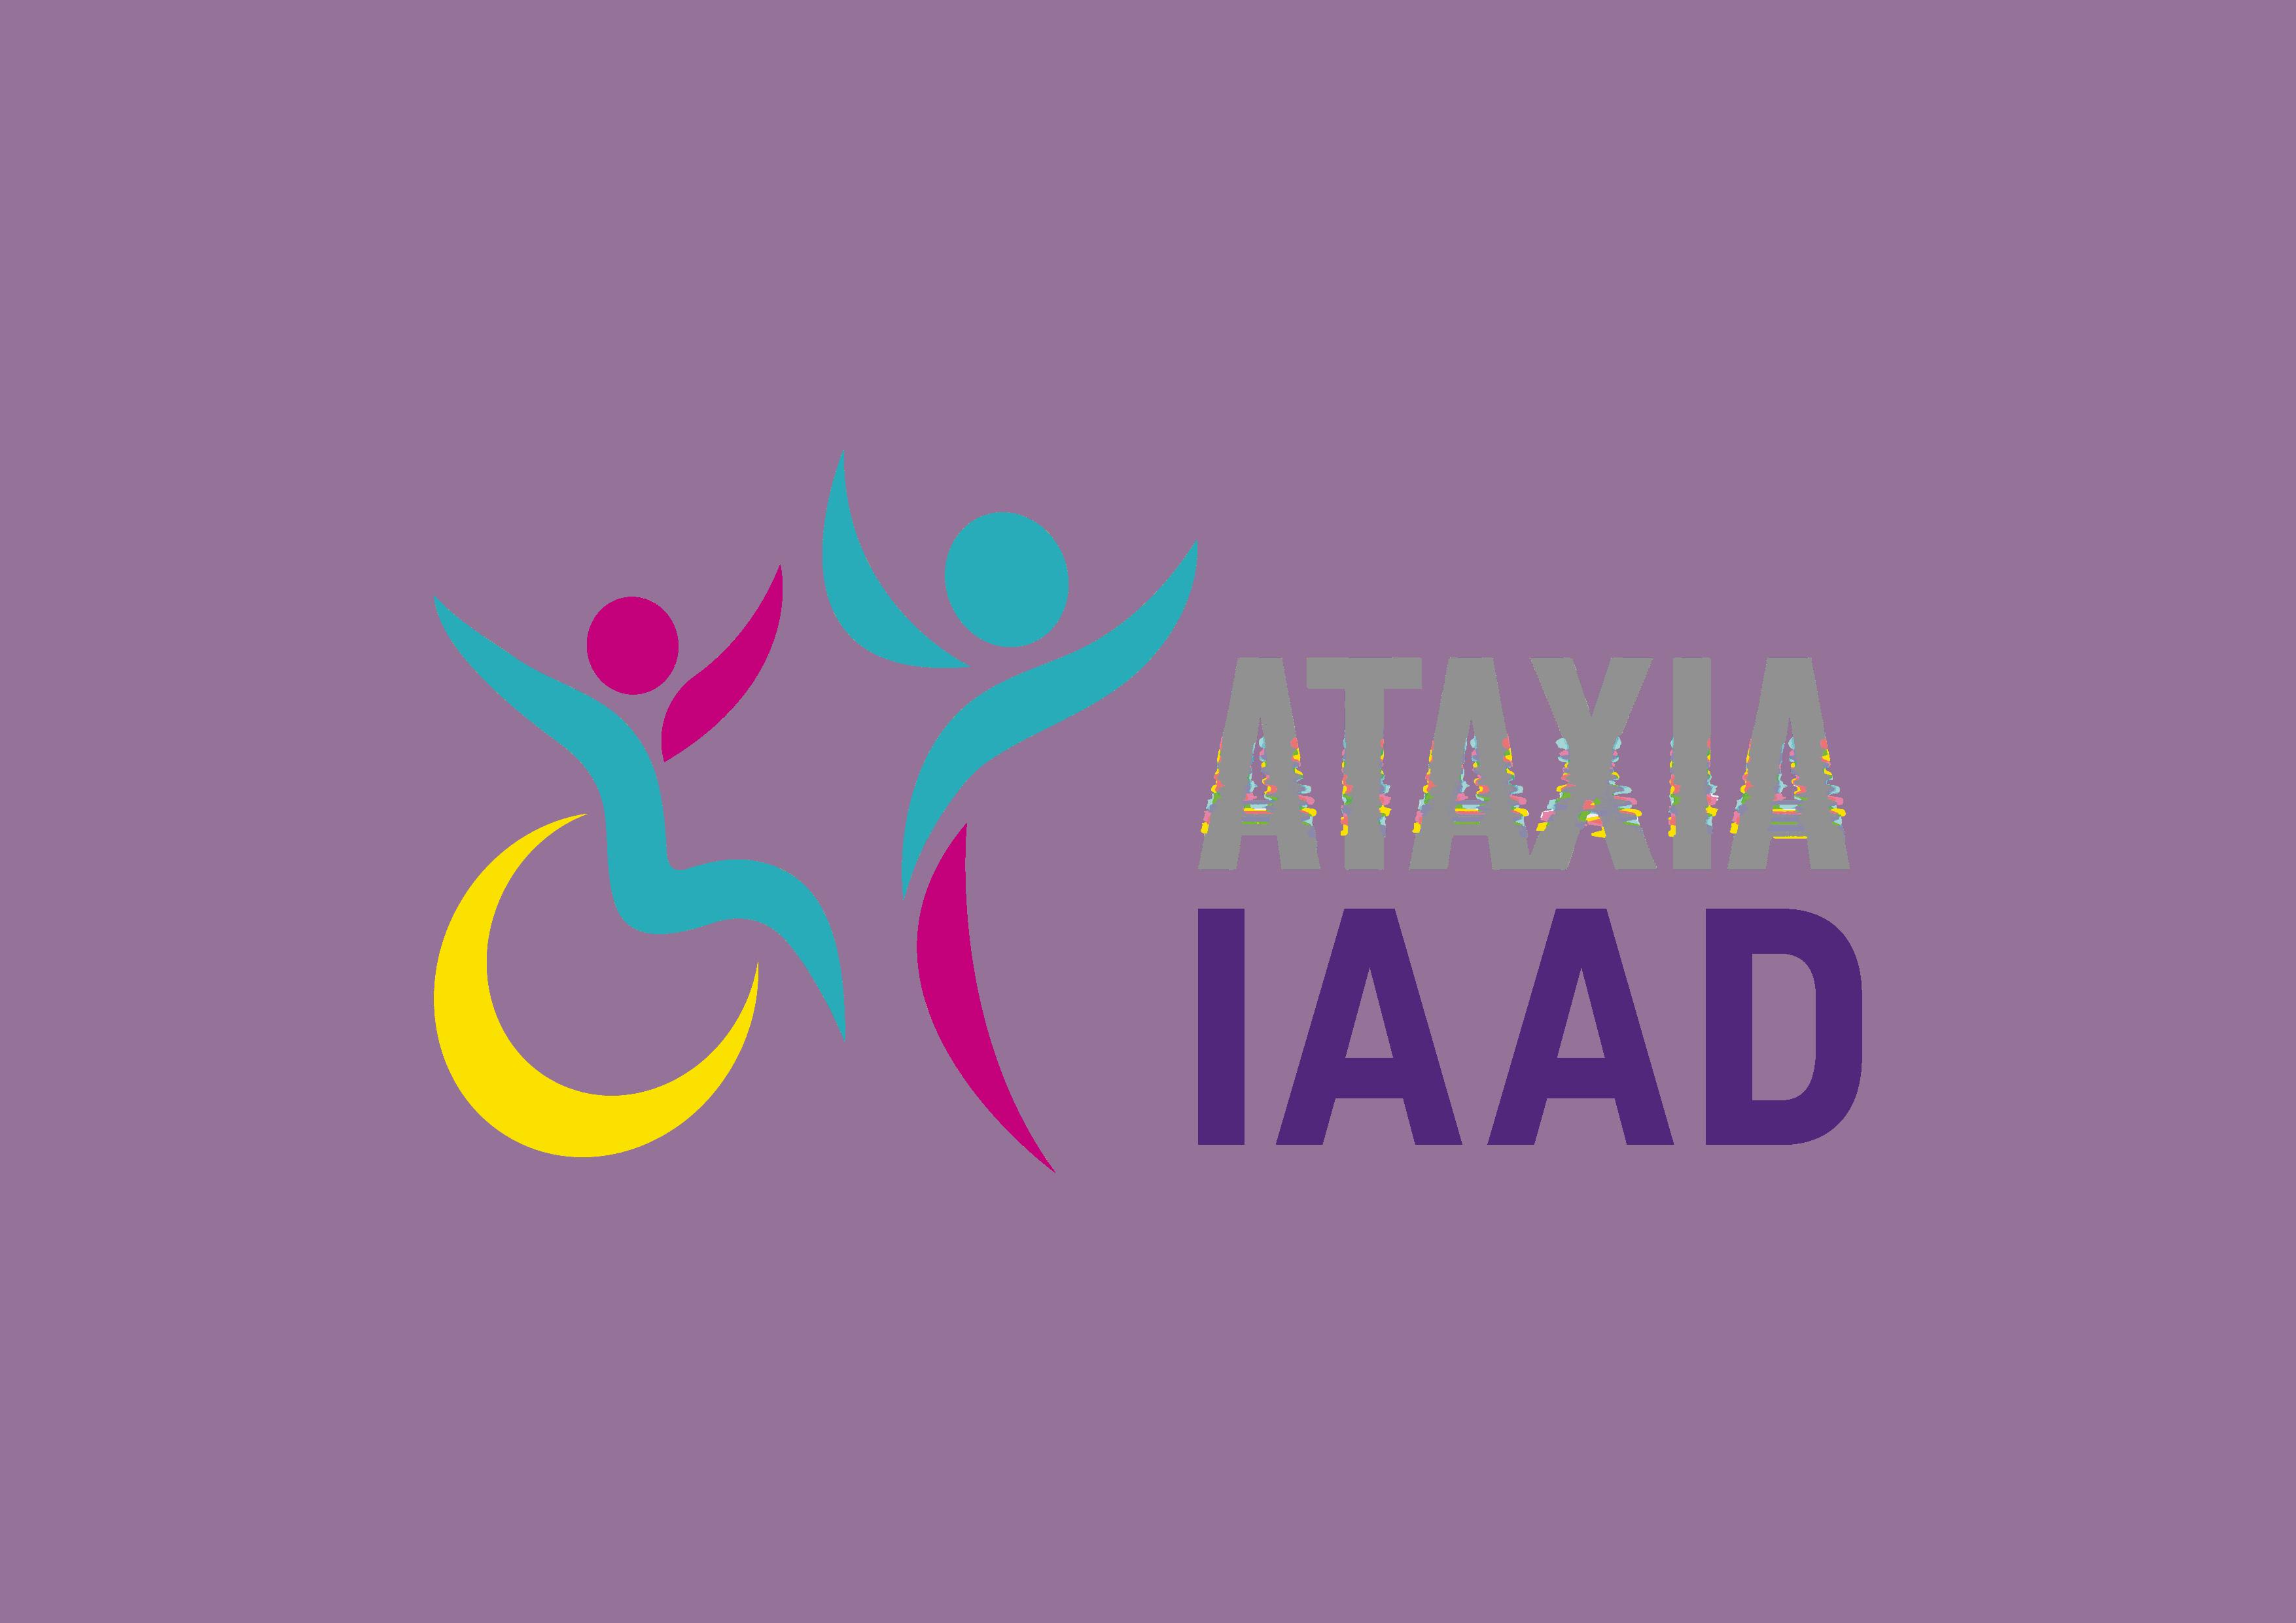 iaad logo